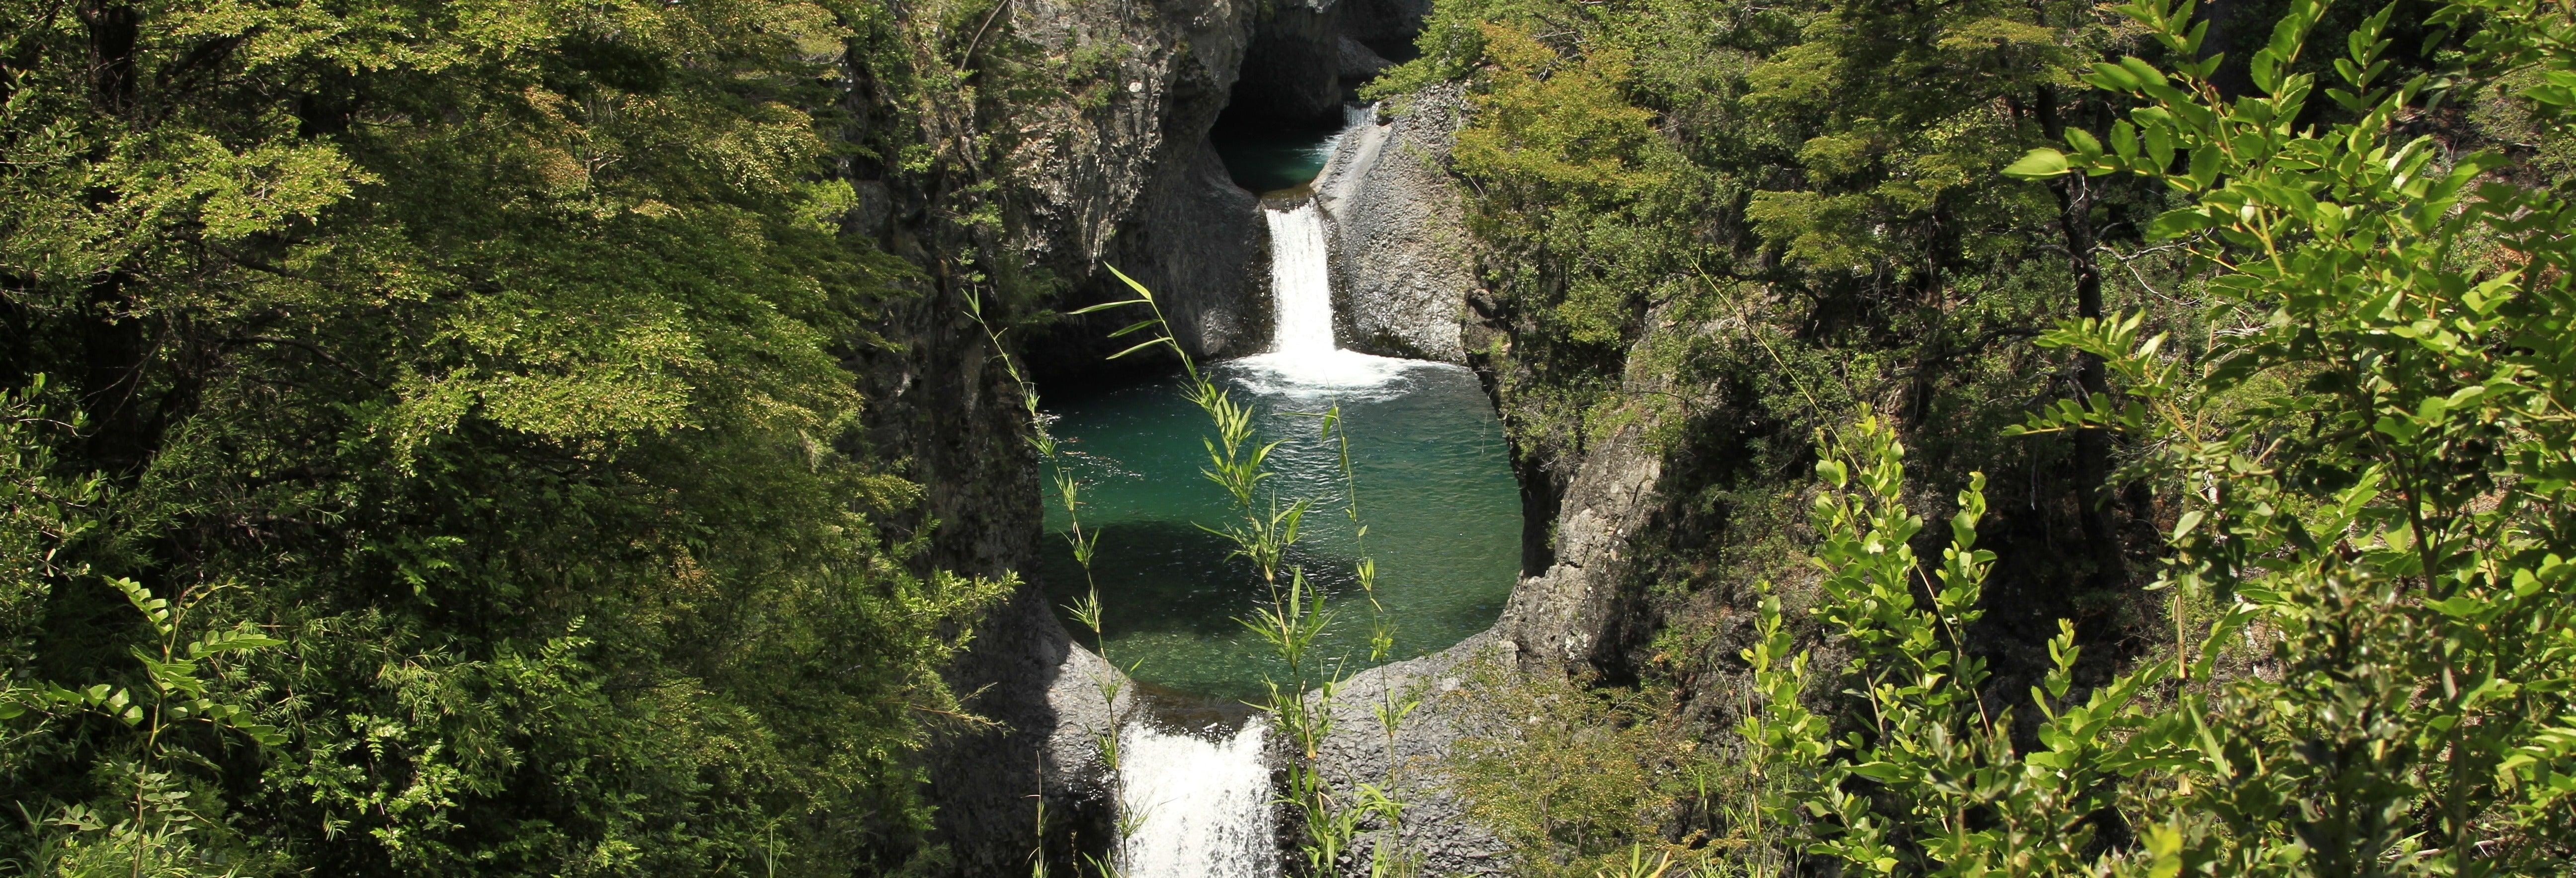 Excursão ao Parque Nacional Siete Tazas